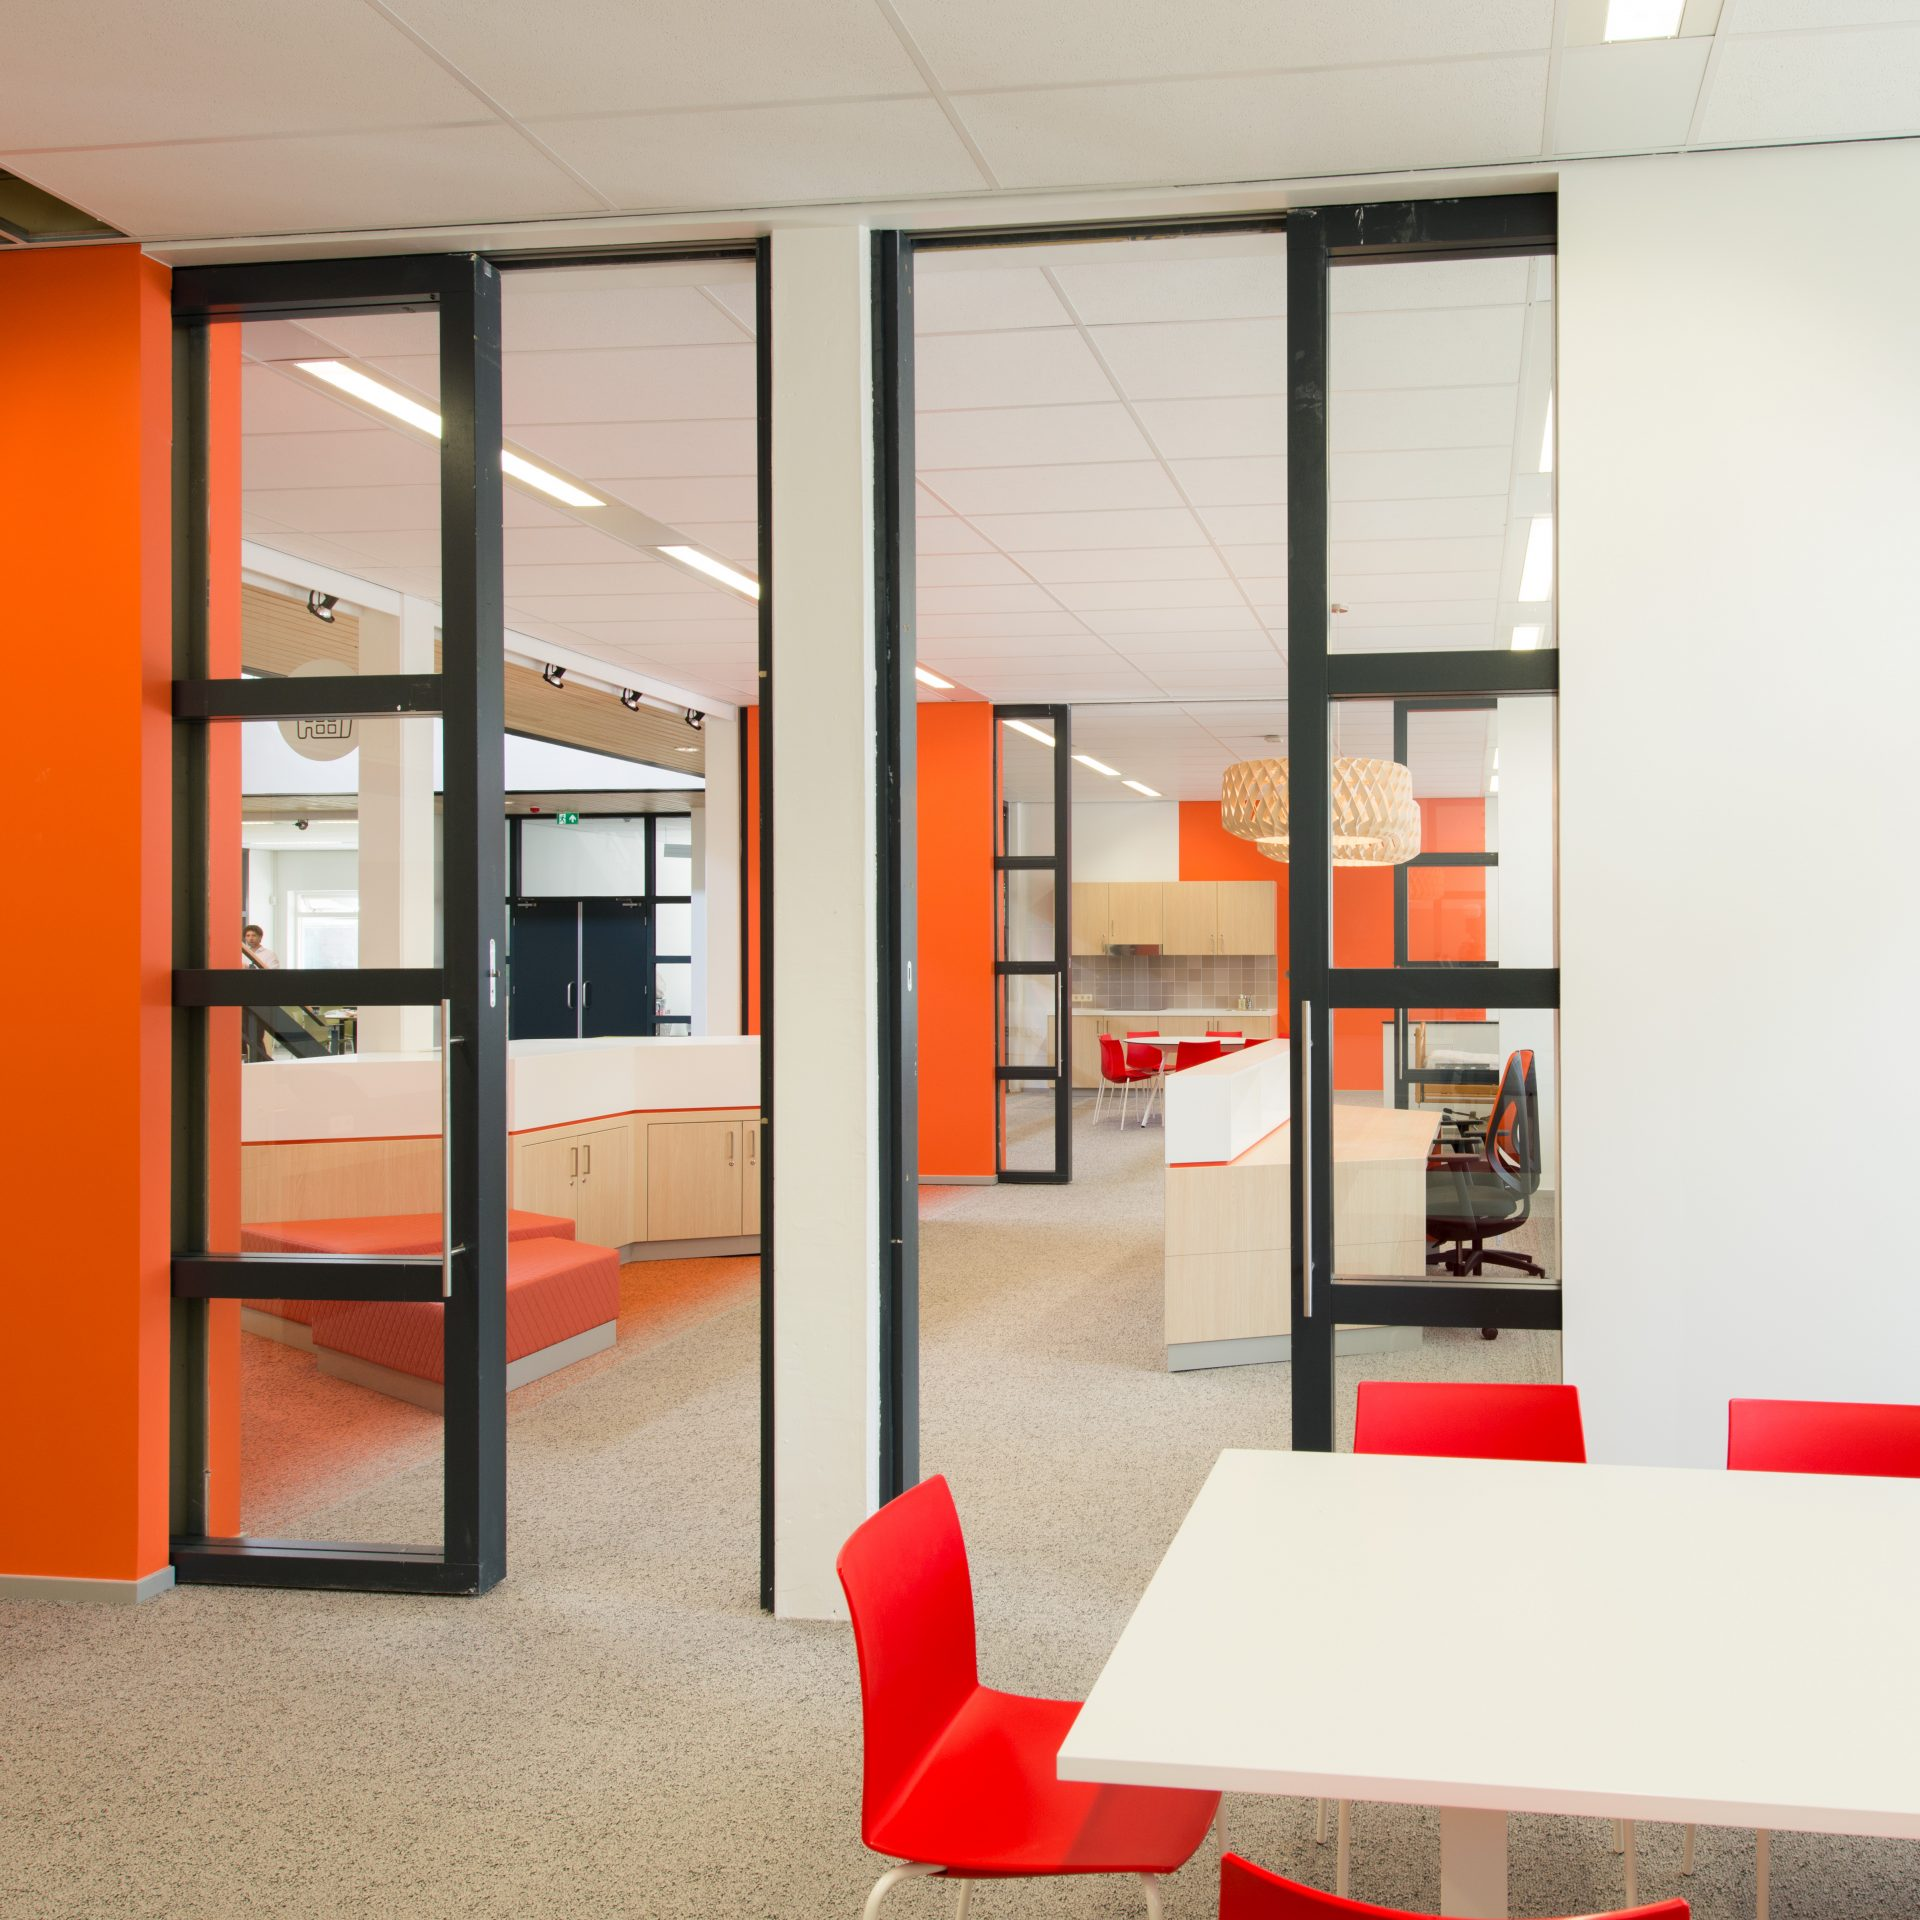 Leerpleinen Zuid-West College, Den Haag - 7